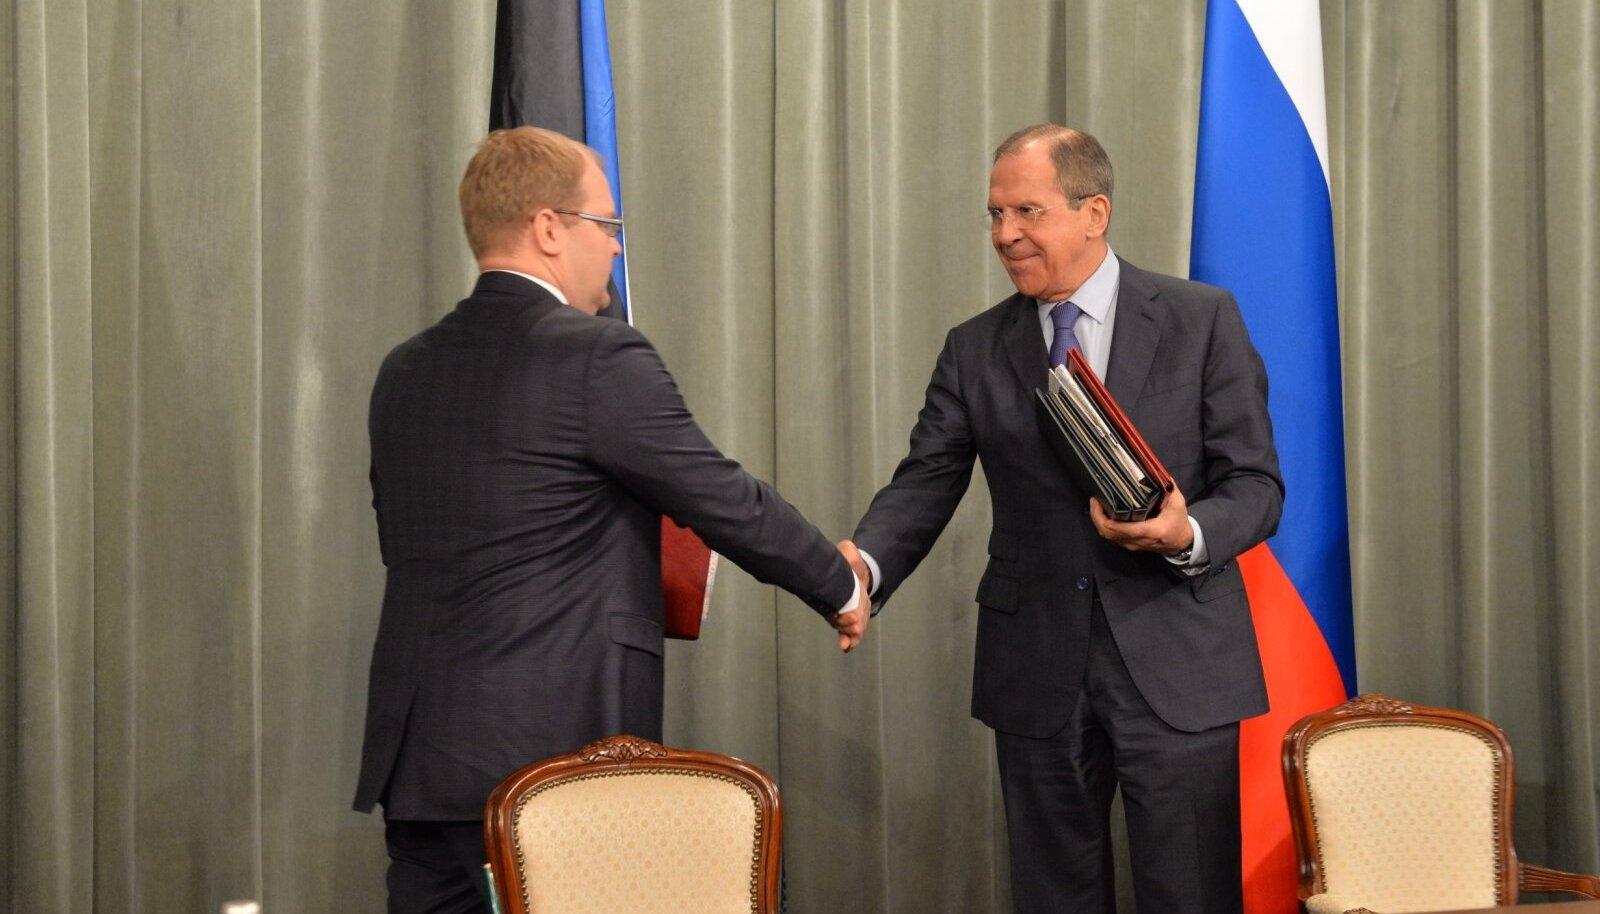 Eesti ja Venemaa vahelise piirilepingu allkirjastamine 2014. aastal